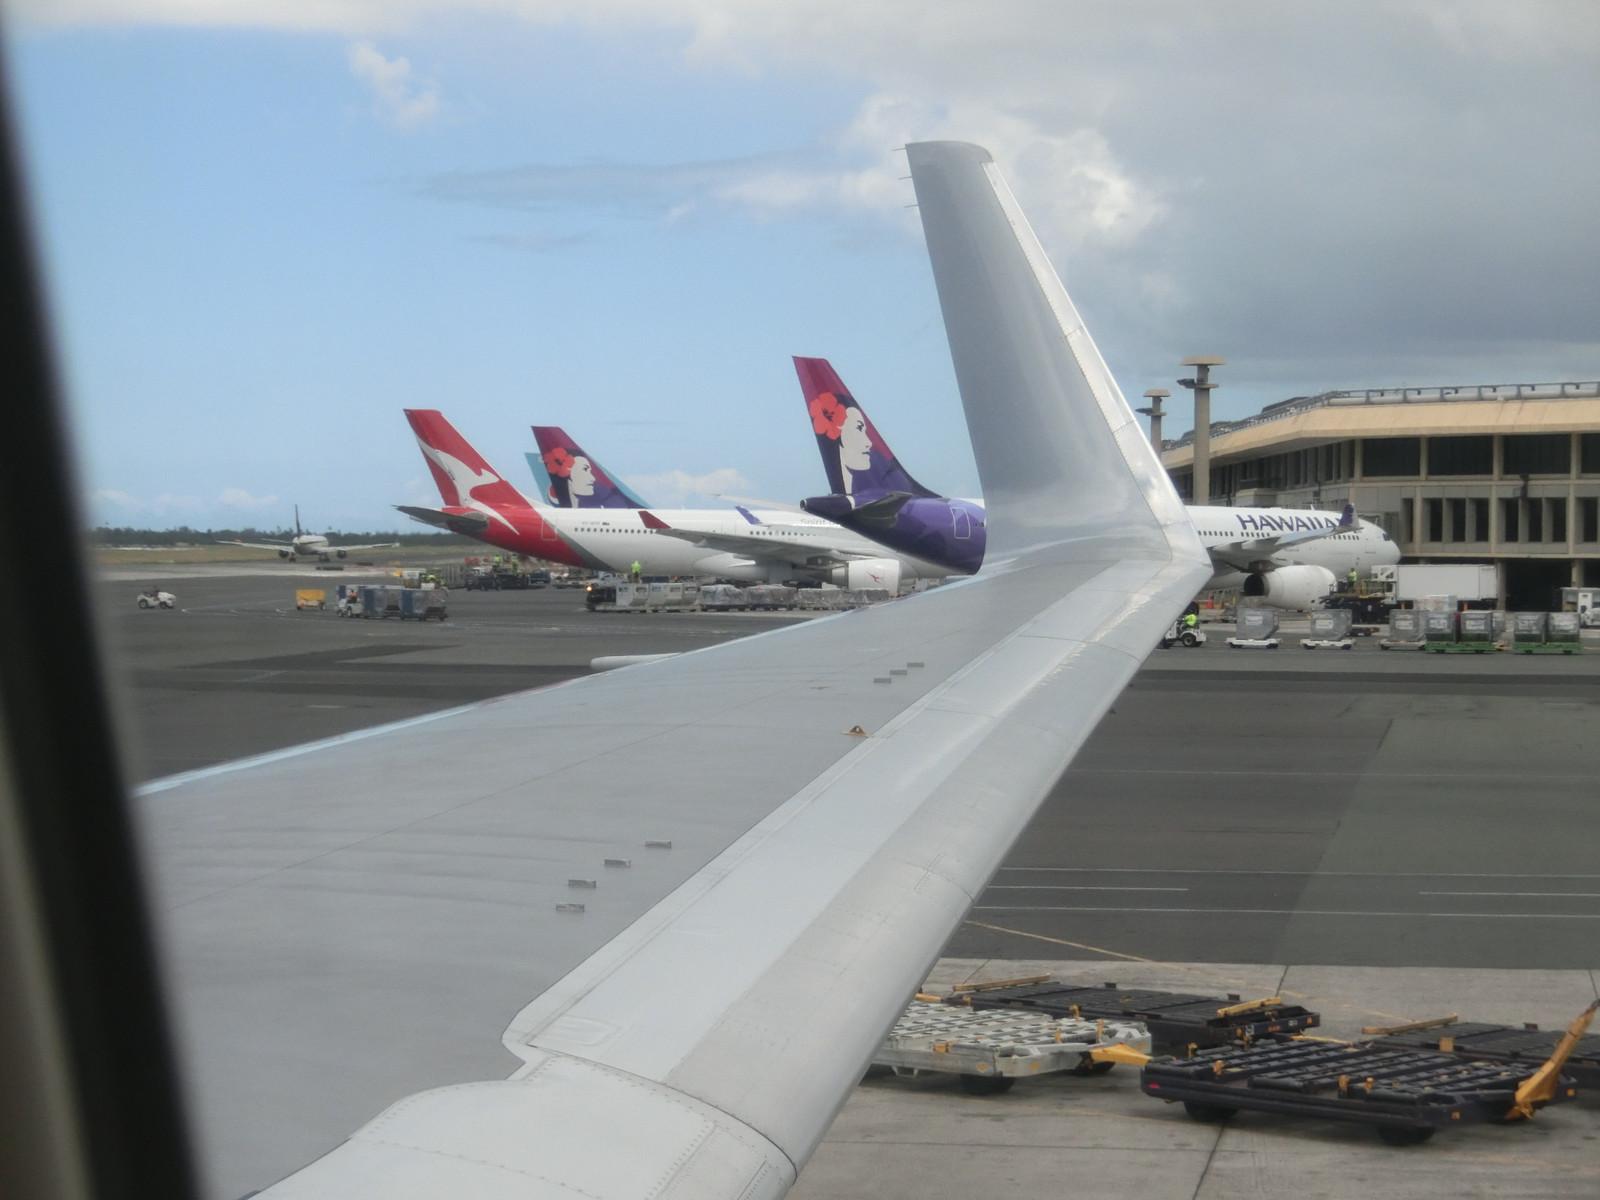 Jl785_hnl_takeoff_1